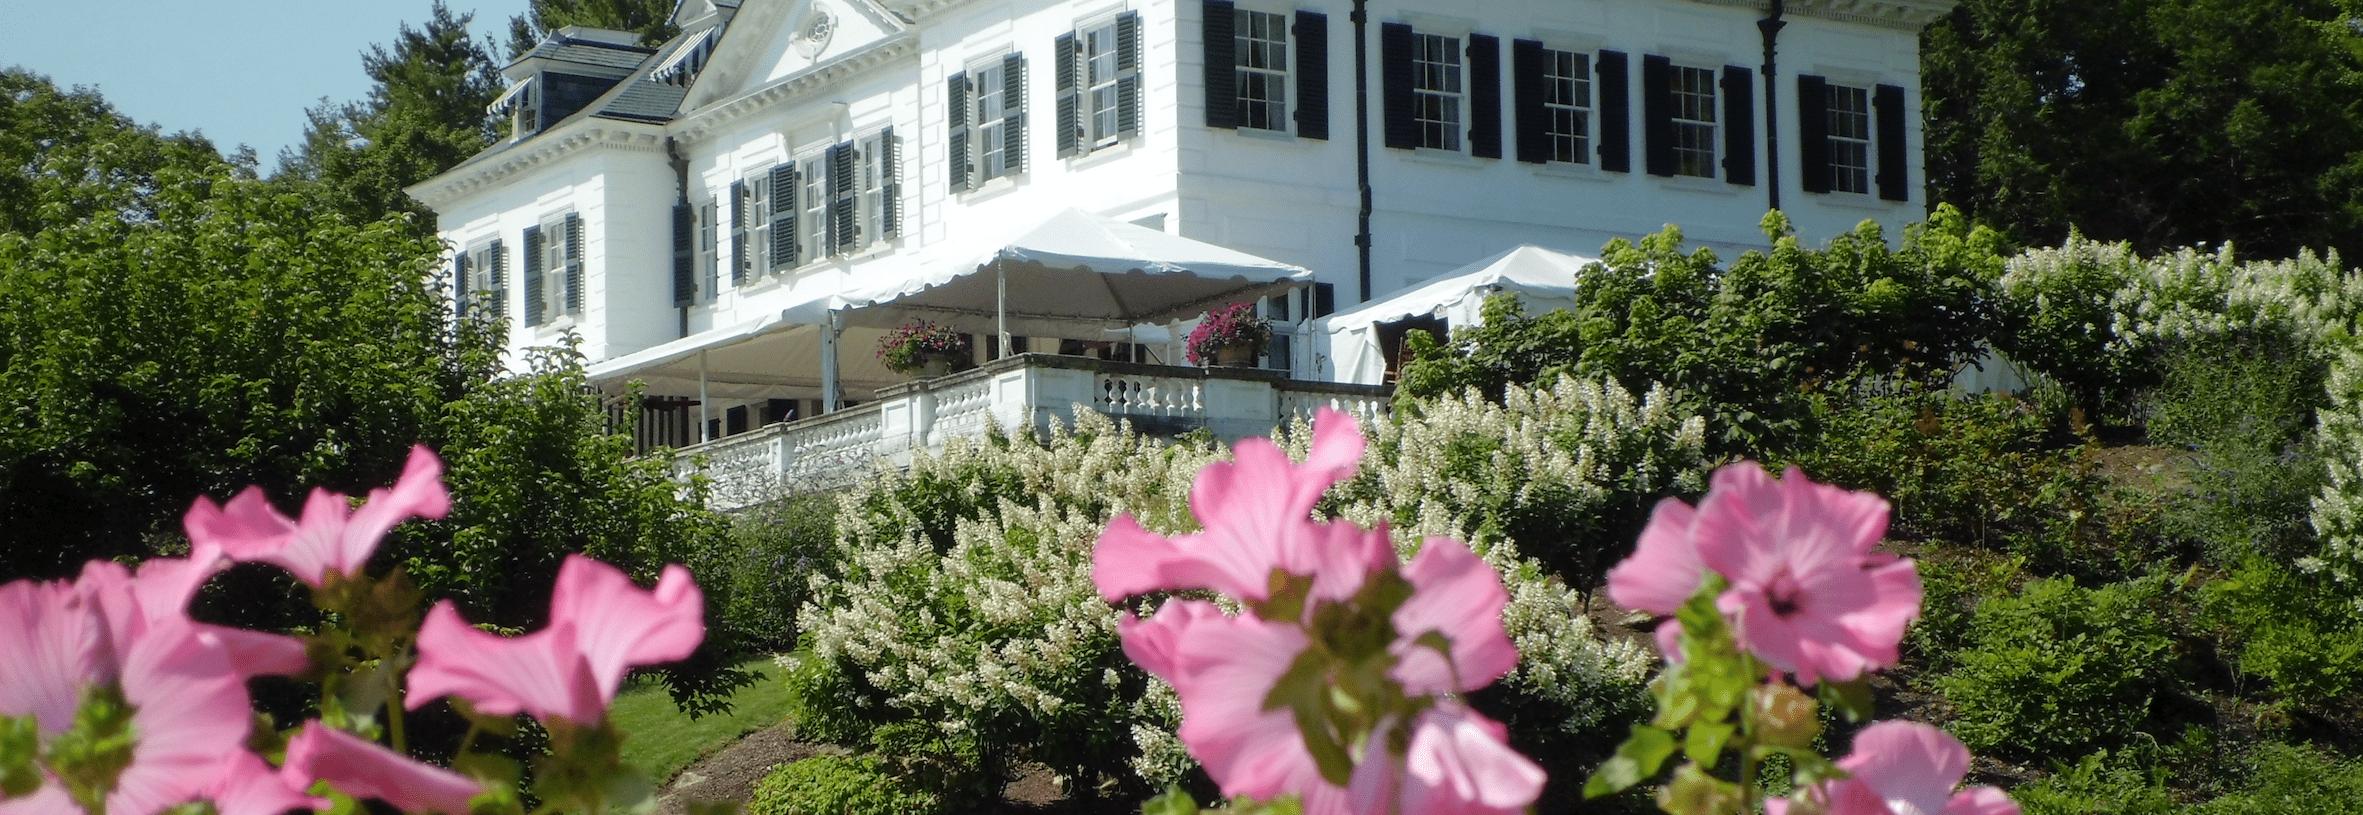 mount-spring-header